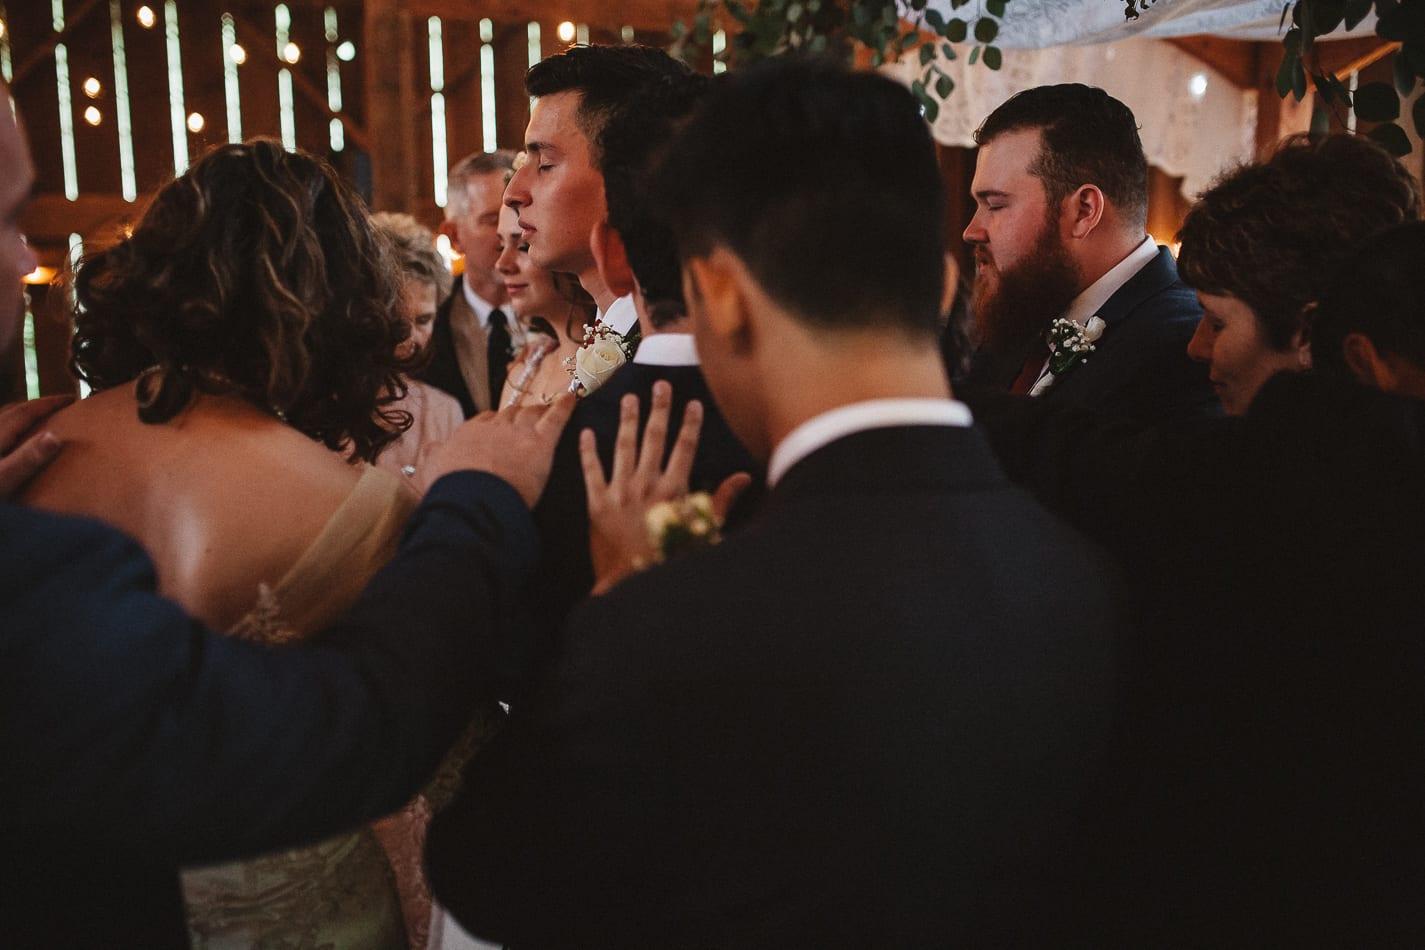 gover-ranch-redding-california-wedding-photographer-143